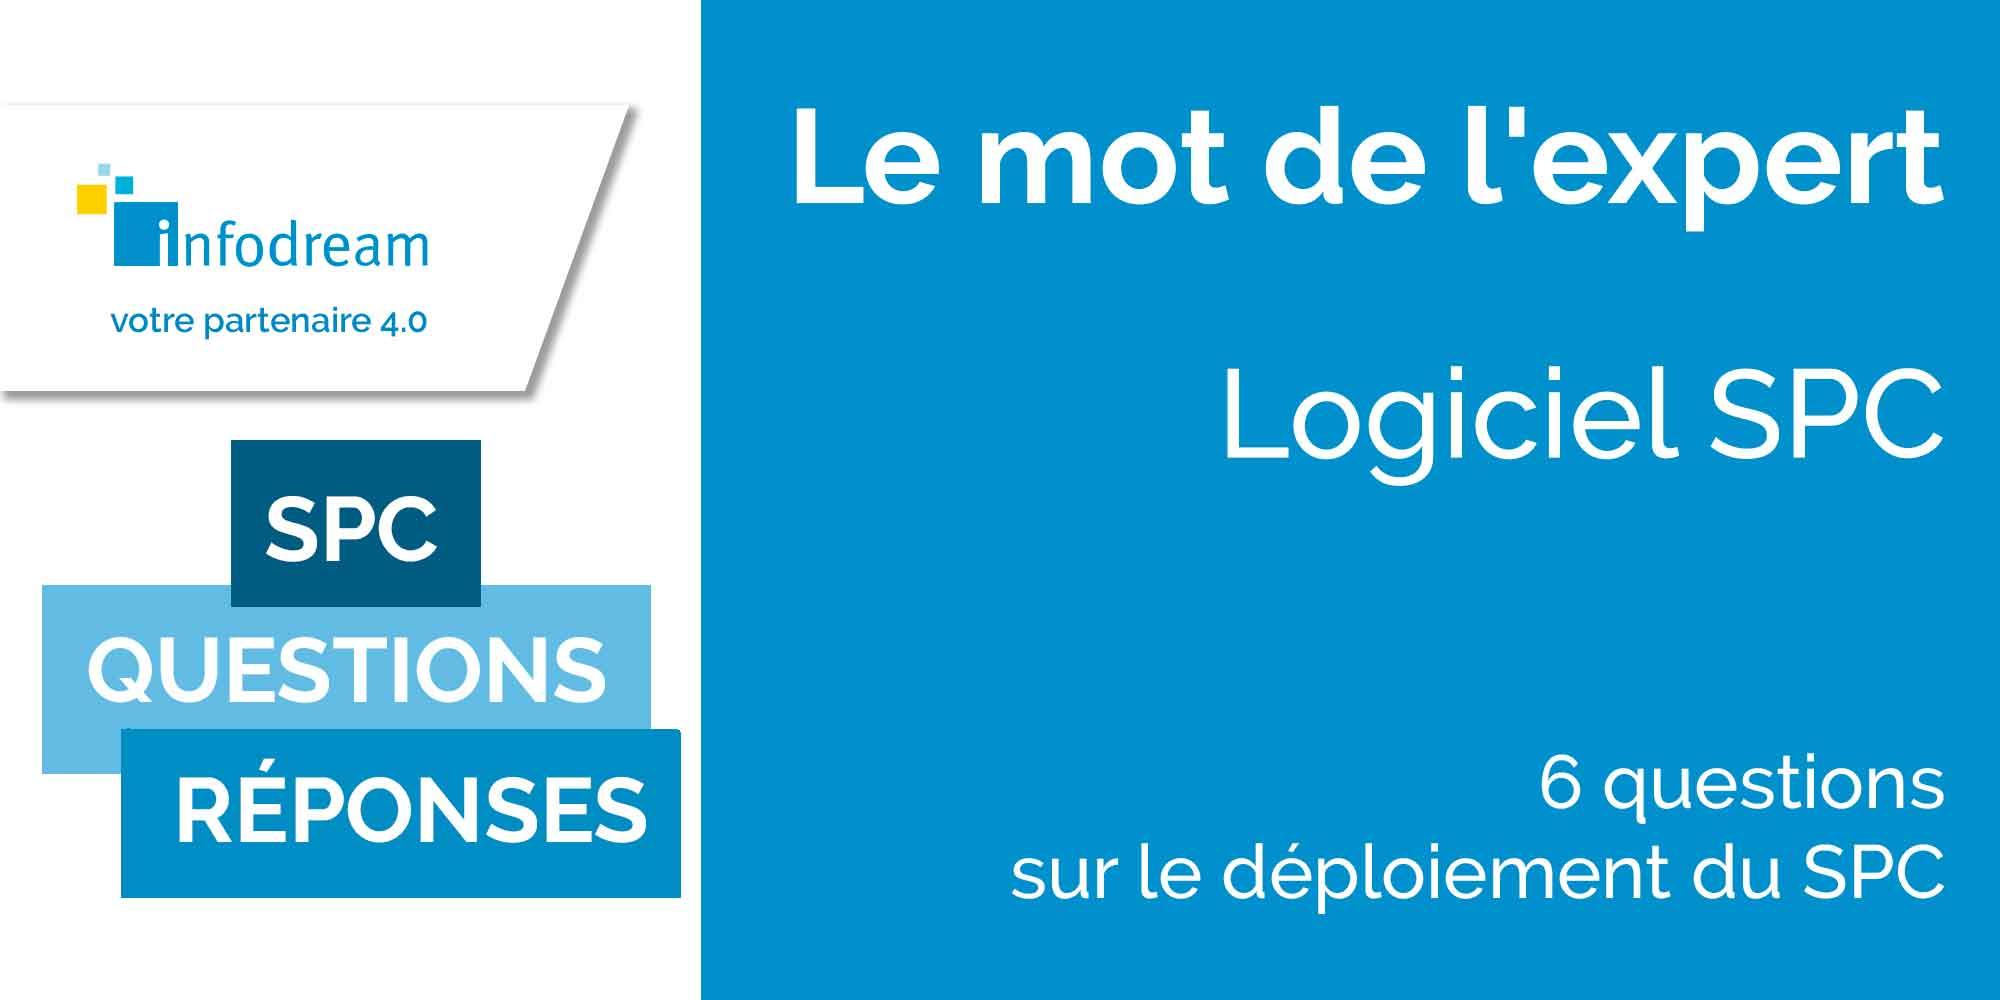 Questions Et Réponses Sur Le Déploiement D'un Logiciel SPC.